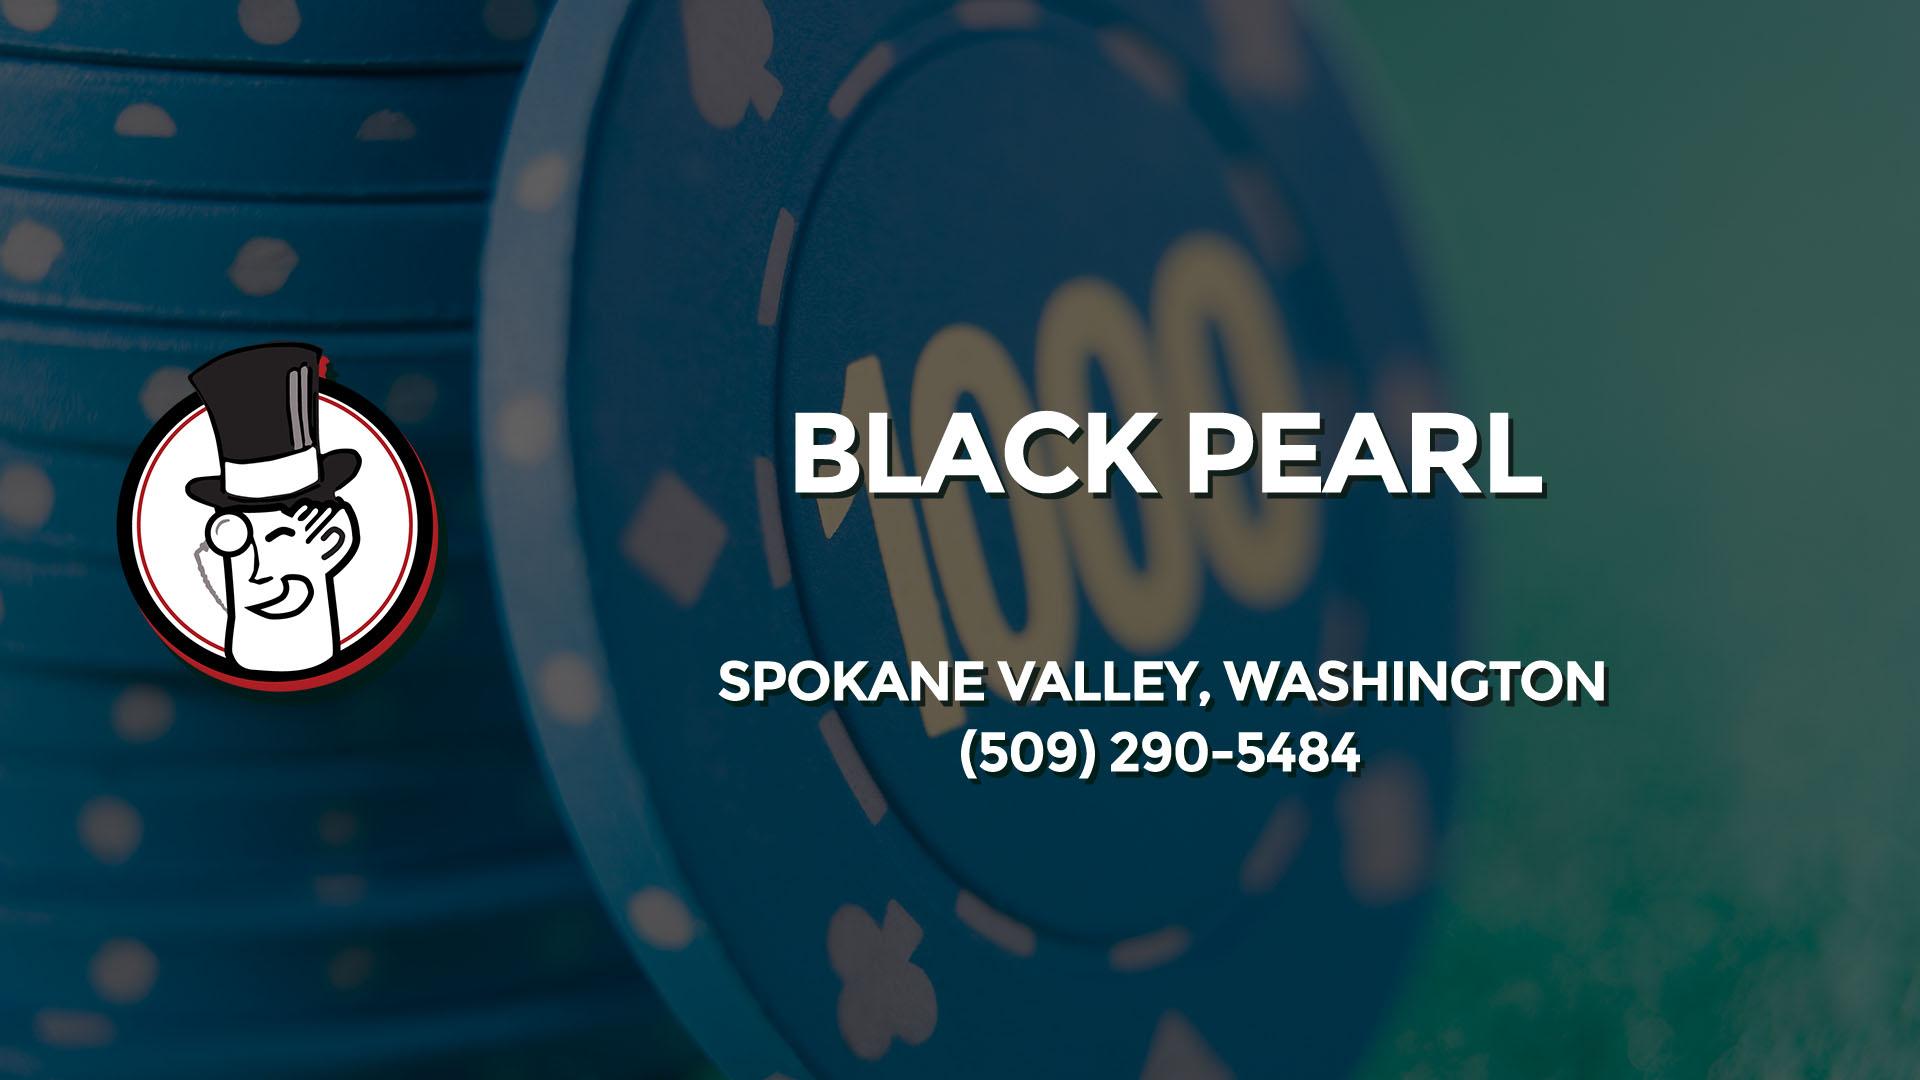 BLACK PEARL SPOKANE VALLEY WA